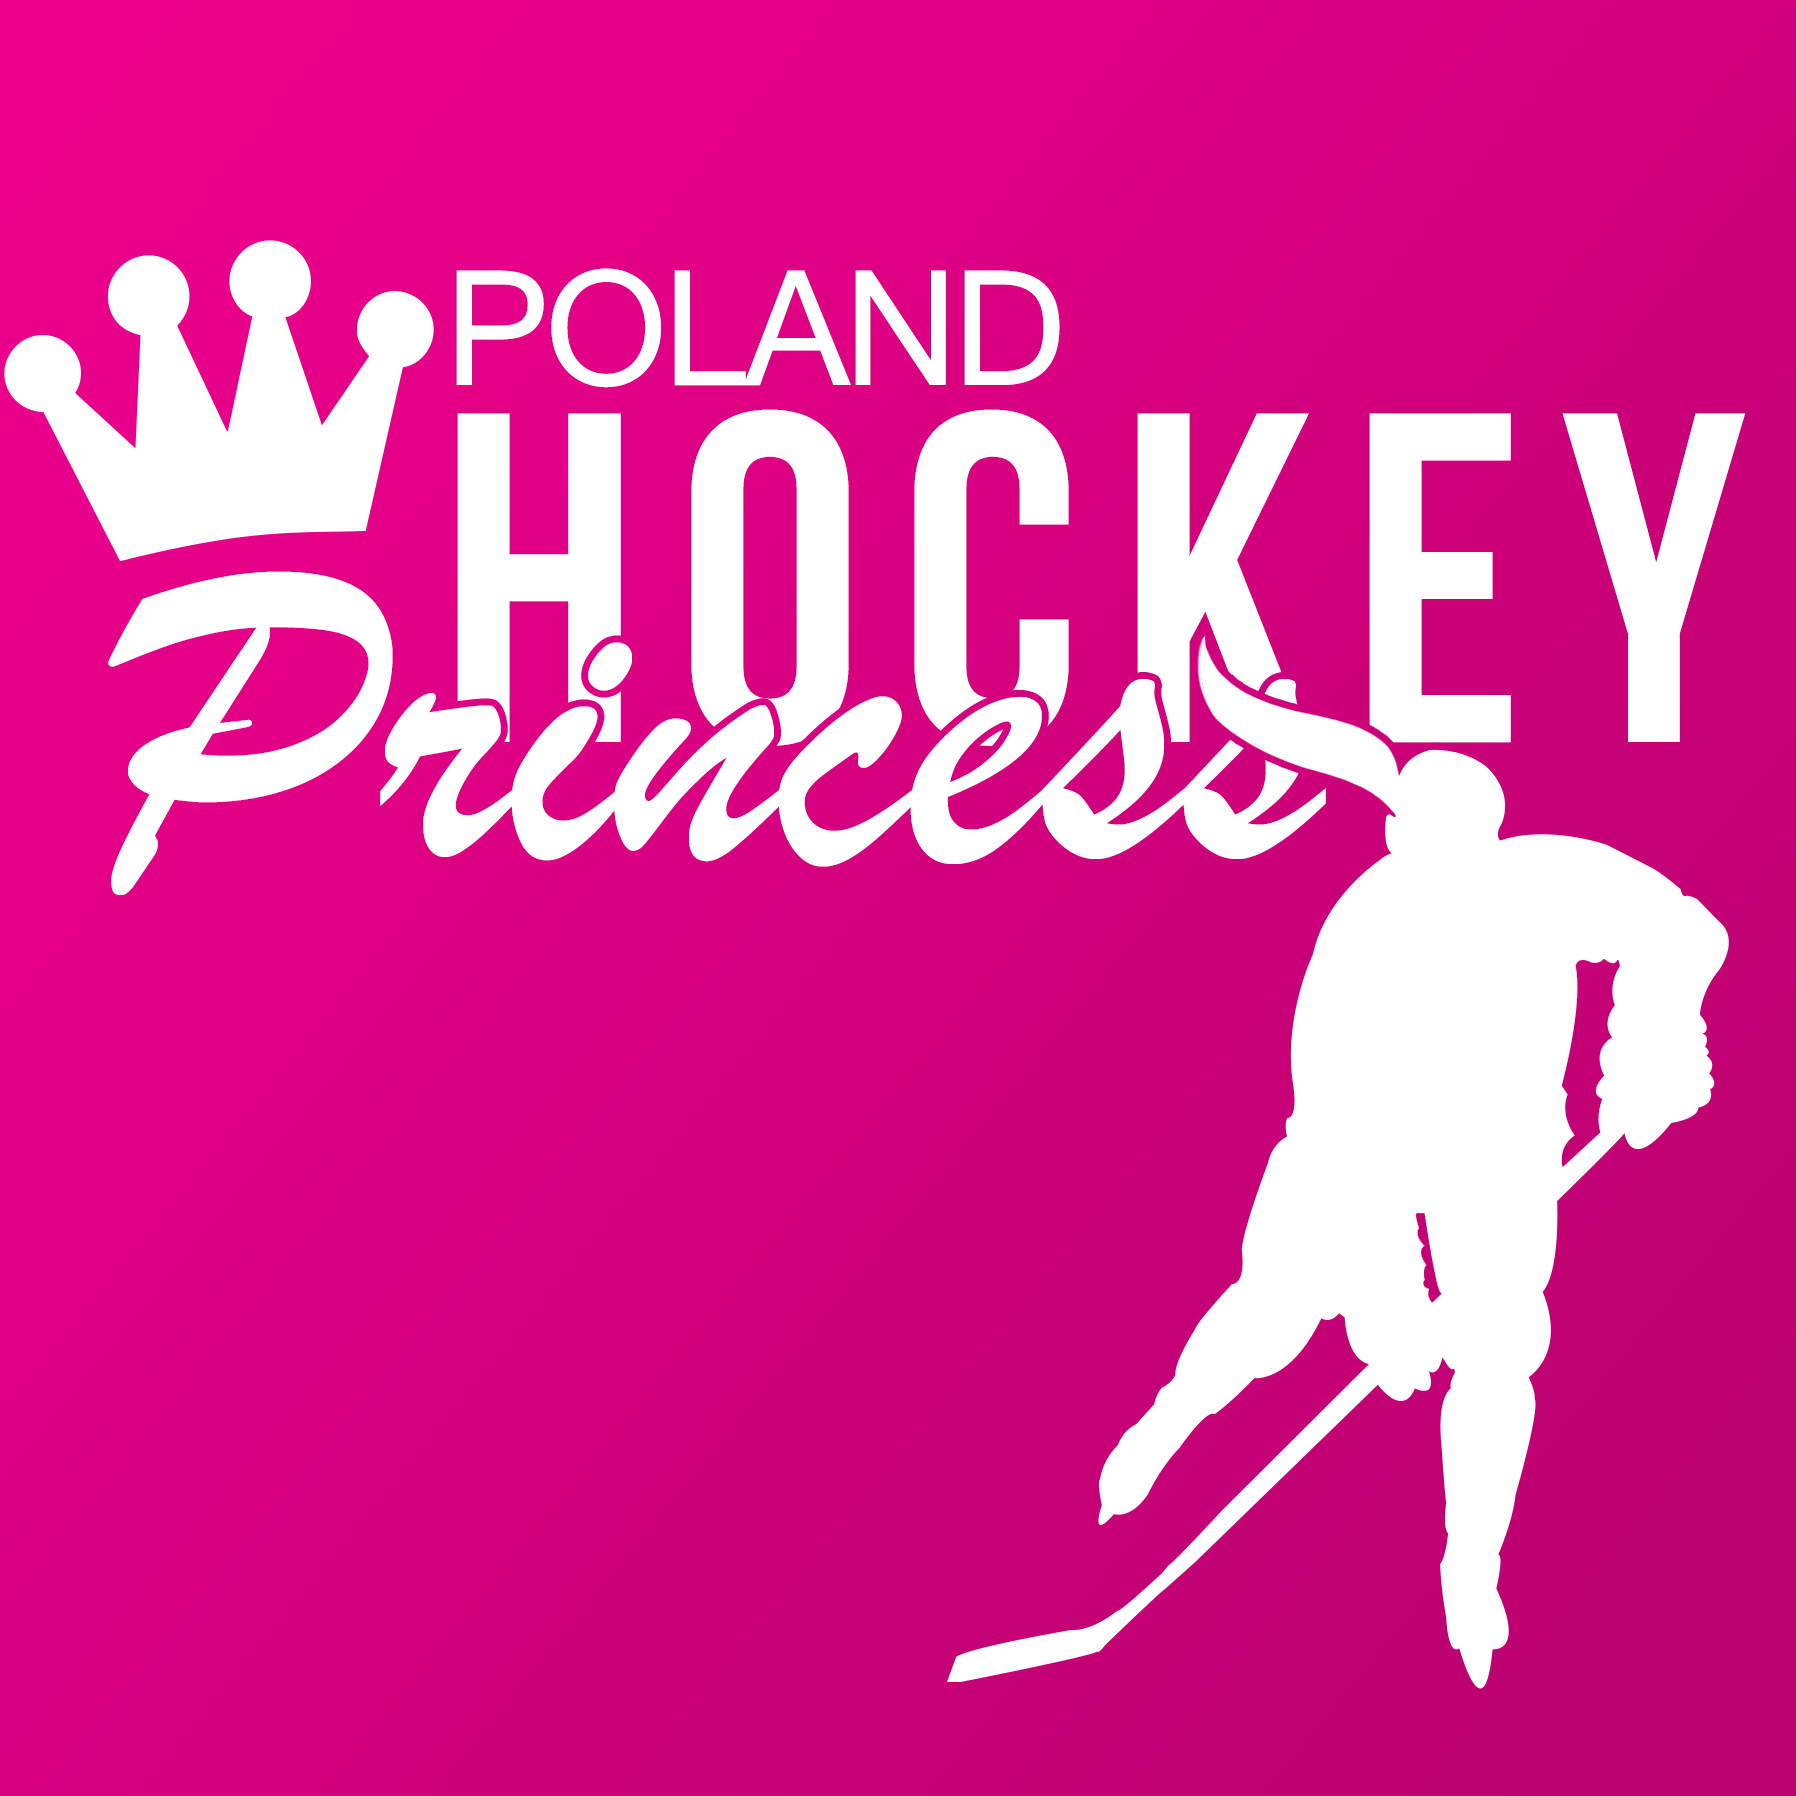 Hockey Princess Poland dołącza do grona przyjaciół portalu!